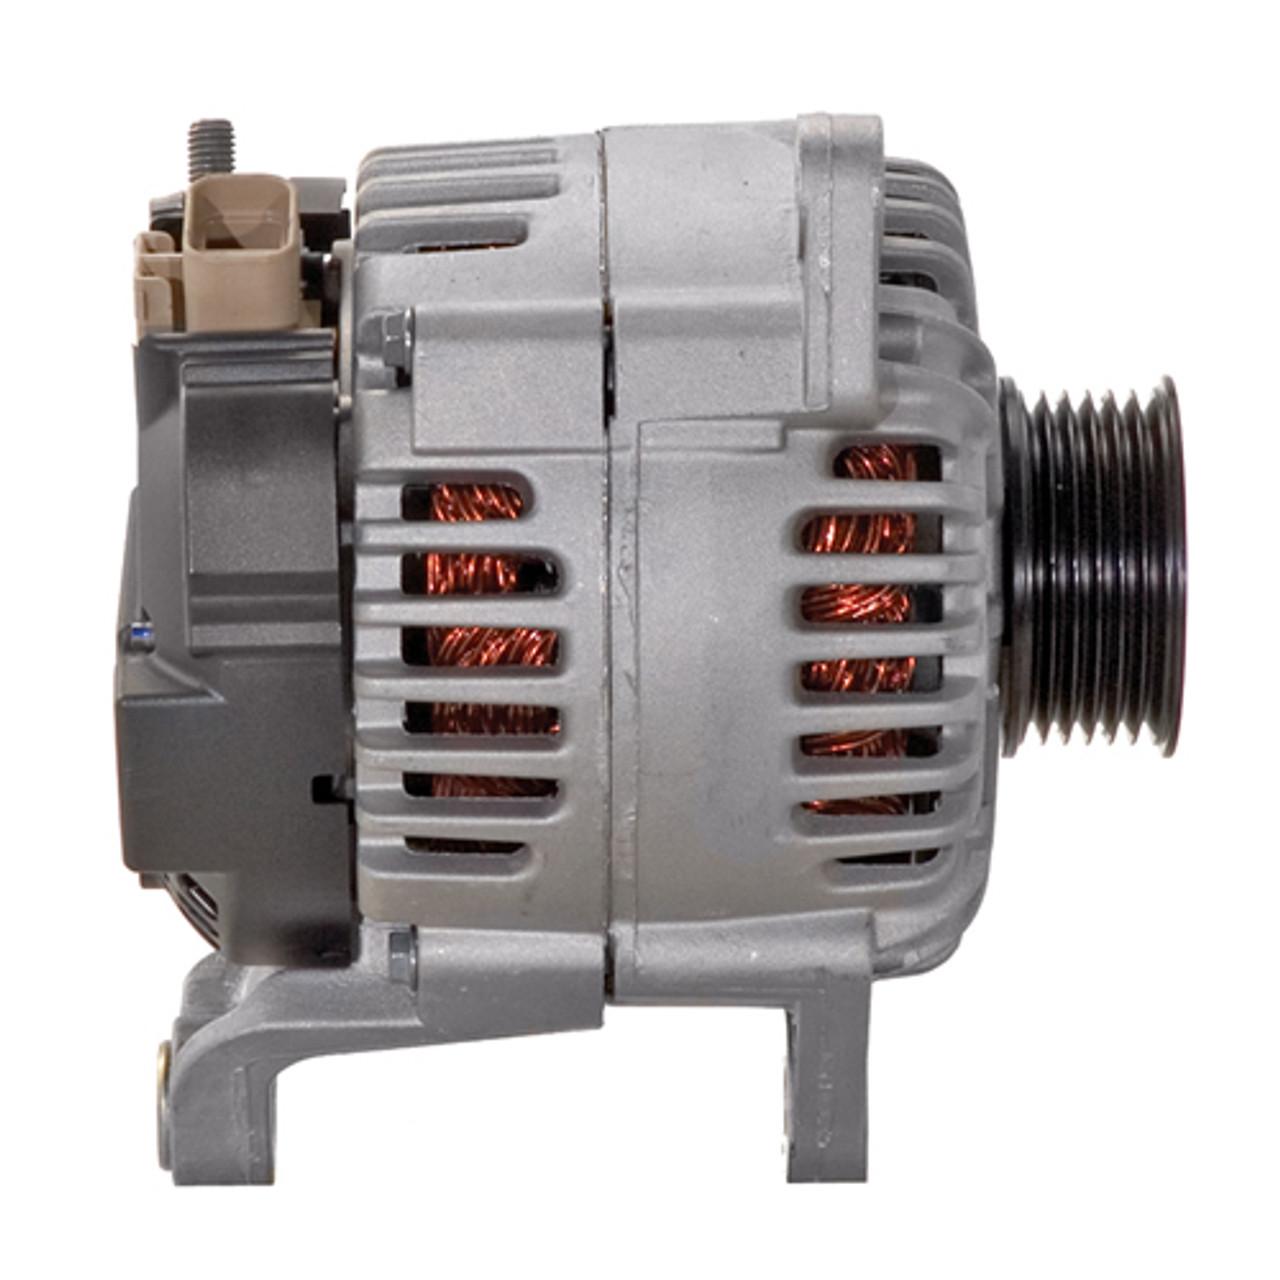 Alternator Fits Nissan Maxima 3.5L 2004 2005 2006 2007 2008 120 Amps